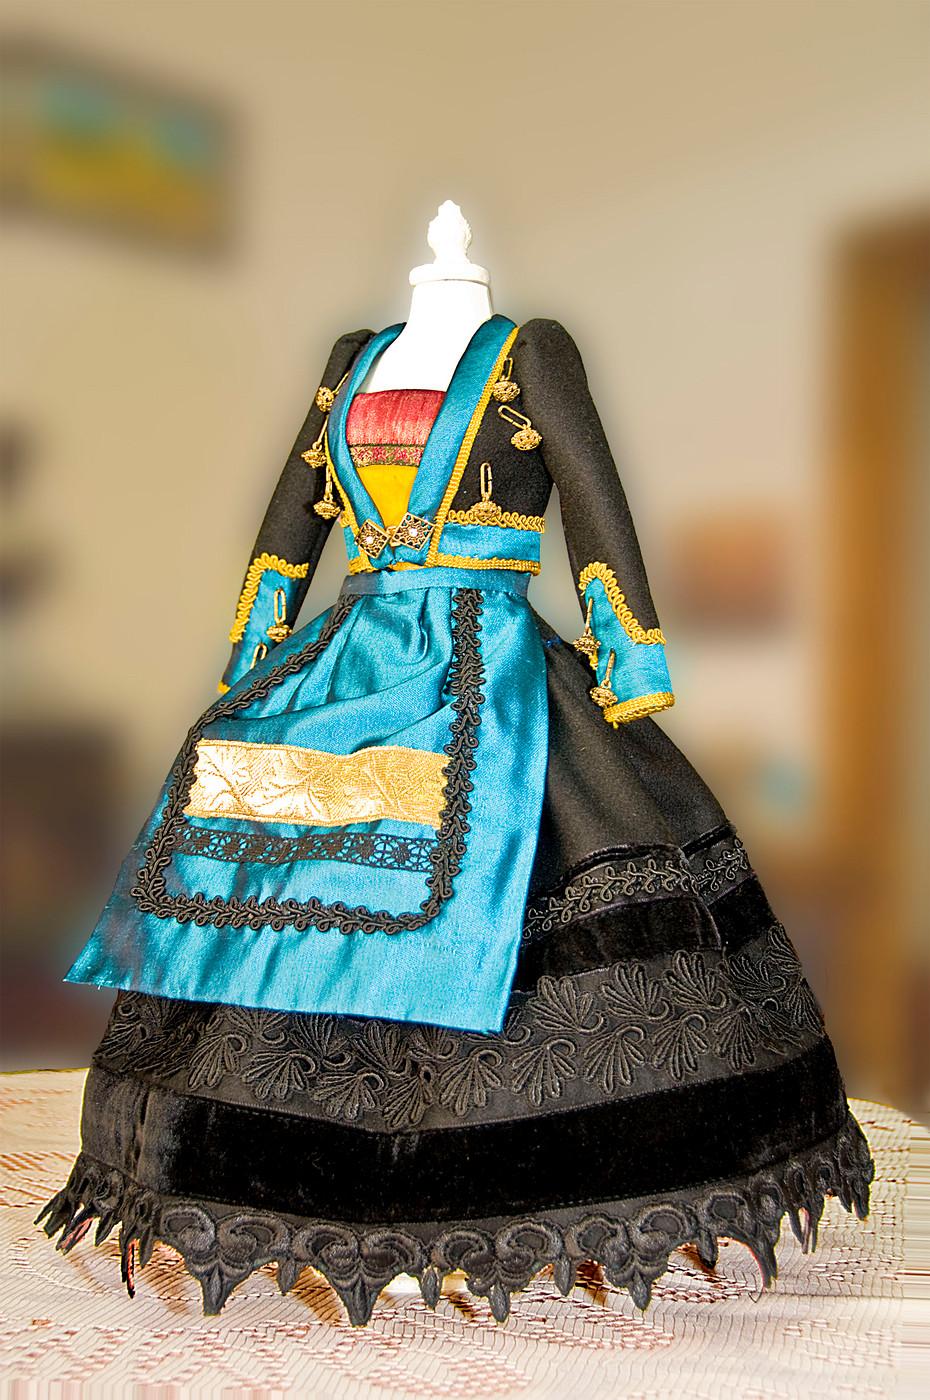 Vestido 3372 Valle del alto Arlanzón (Burgos)